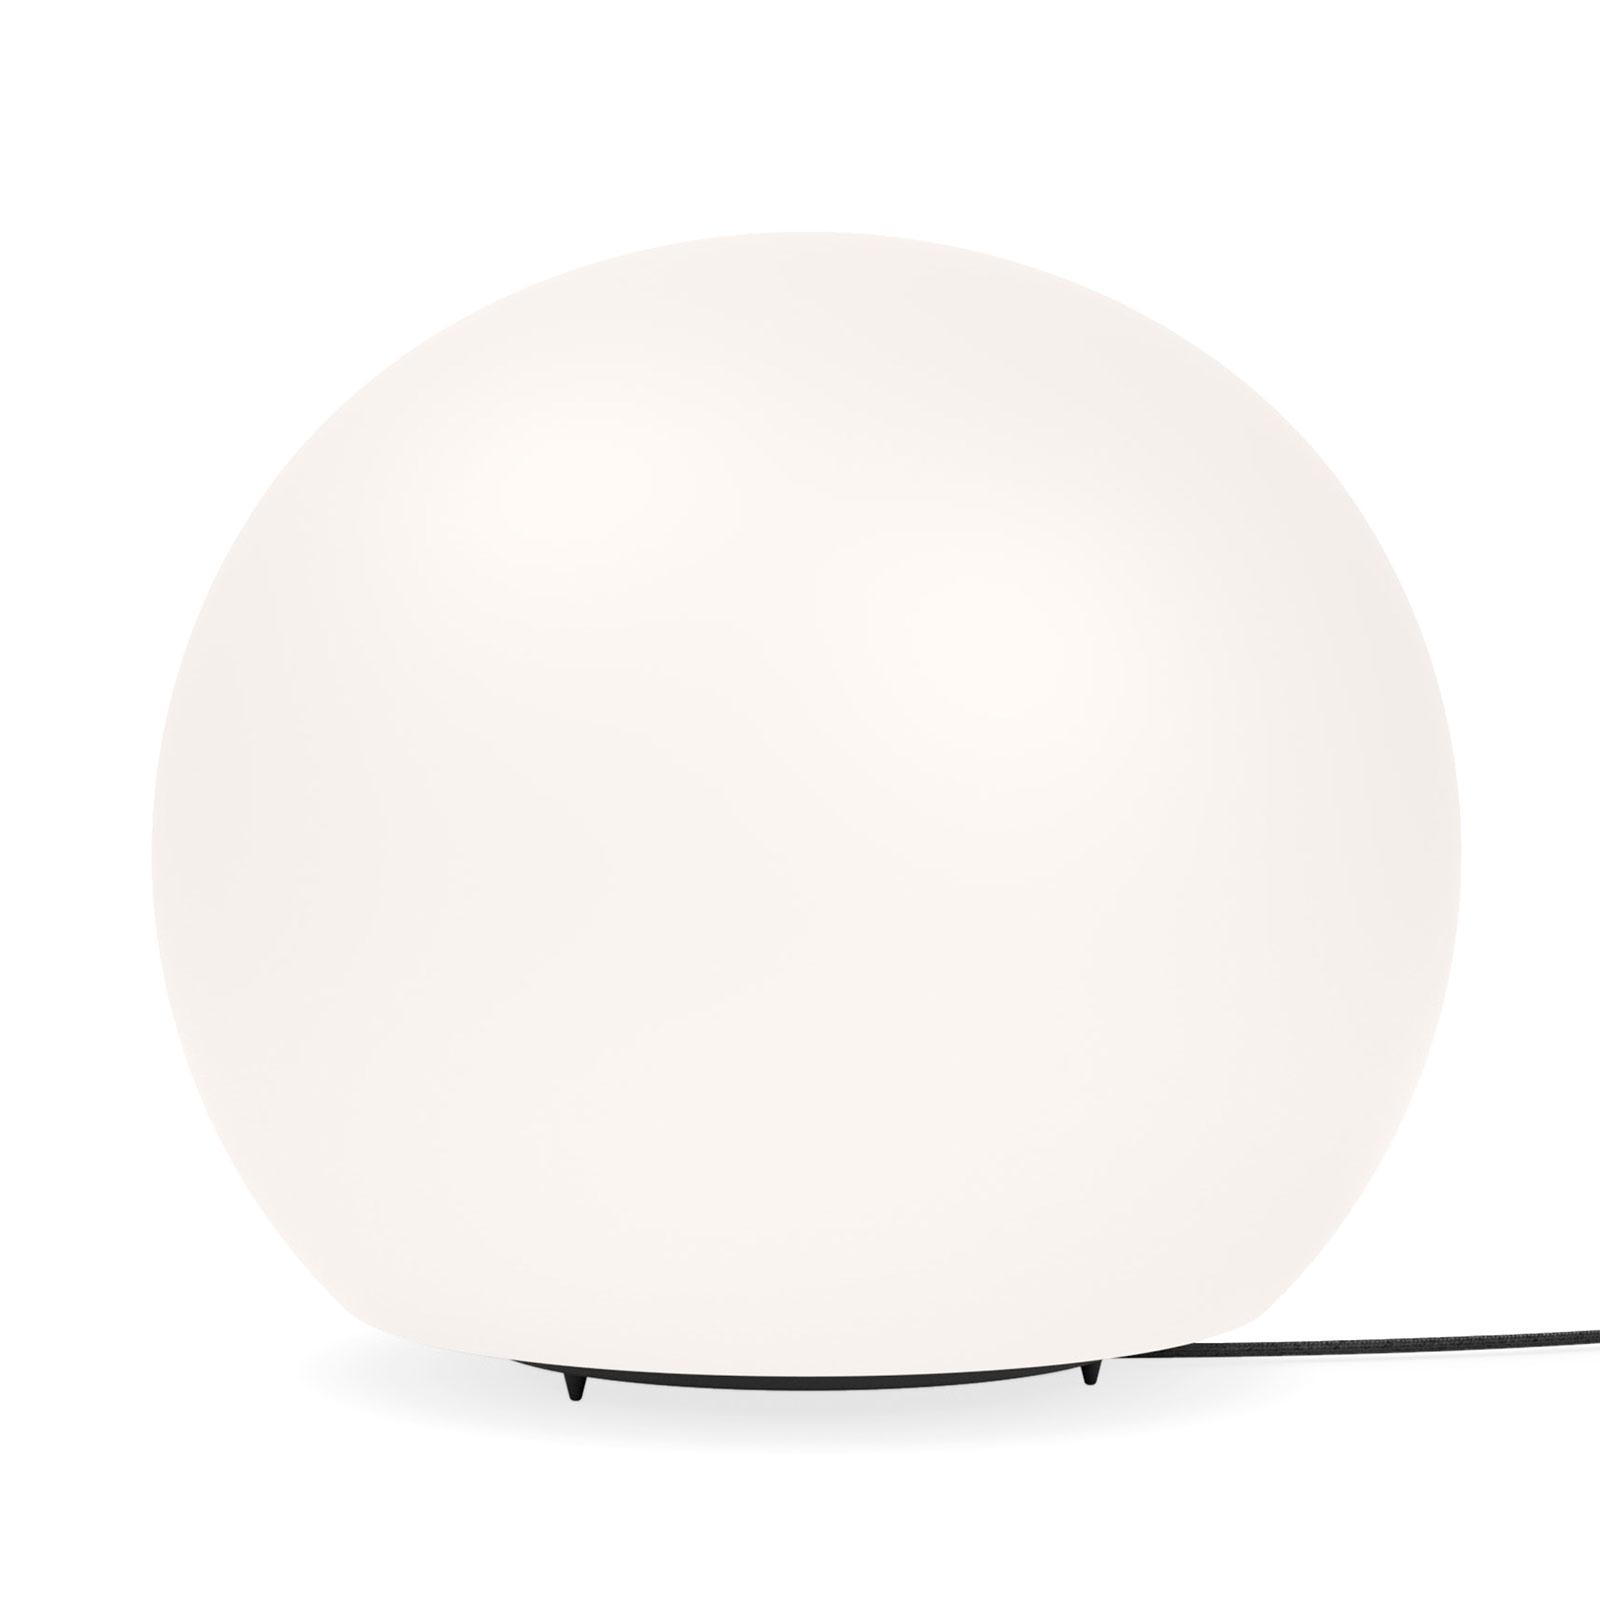 WEVER & DUCRÉ Dro 3.0 lampa stołowa czarno-biała